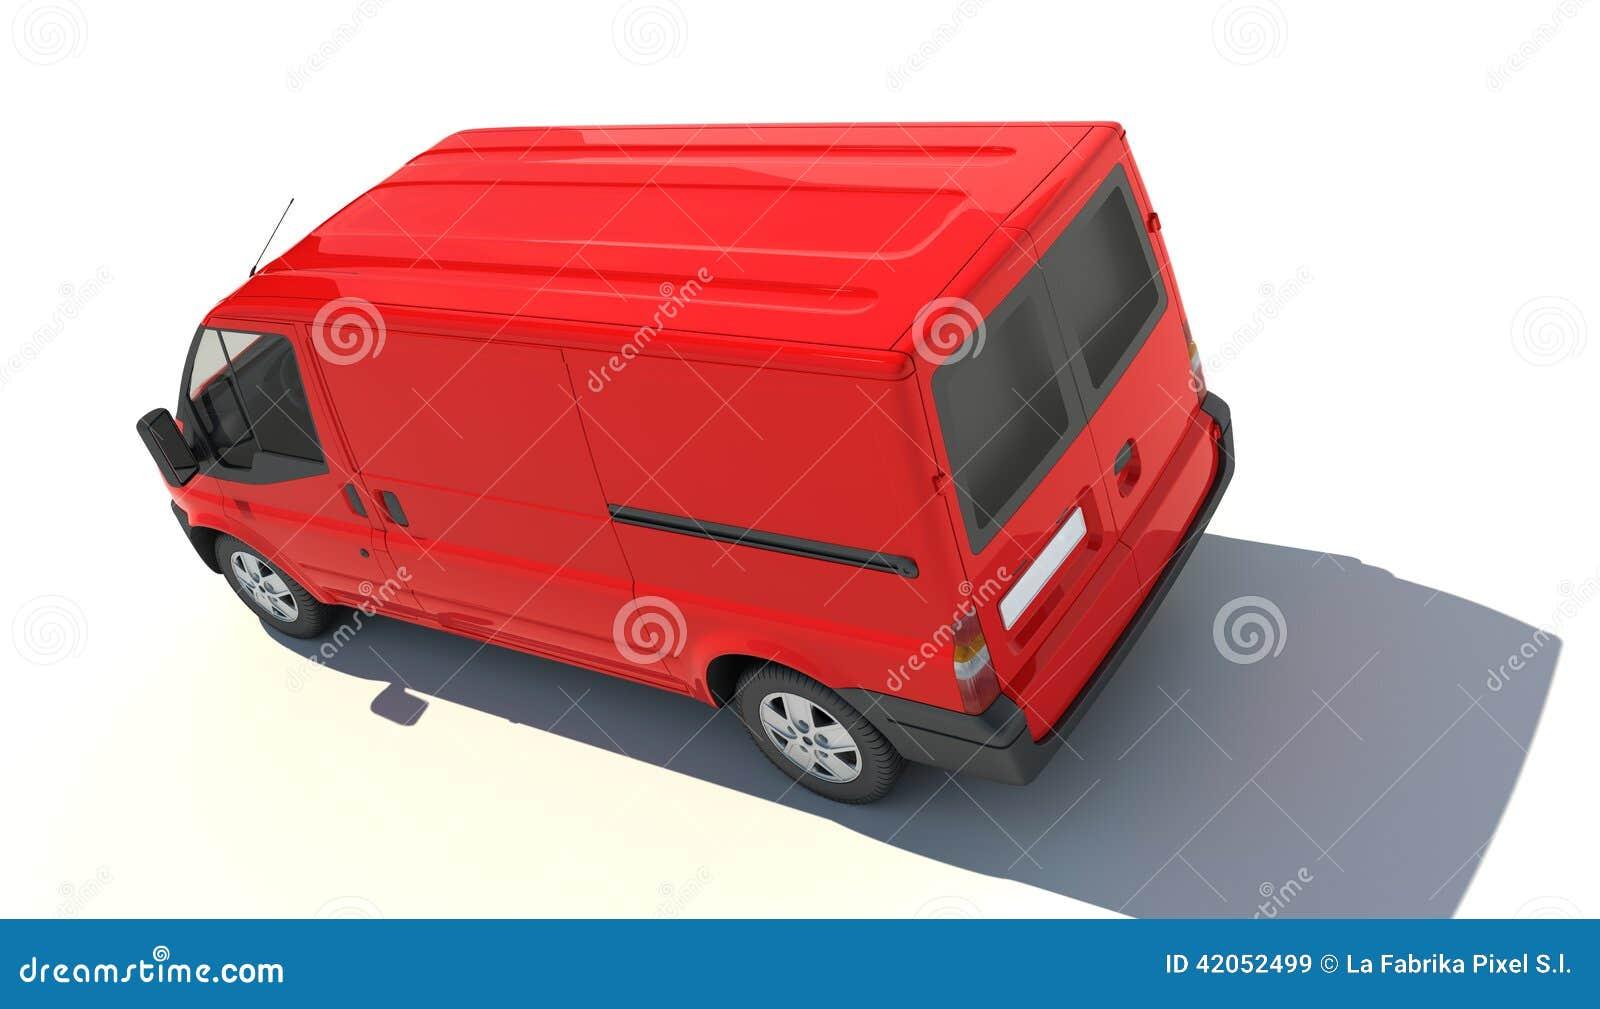 Aerial view of red van